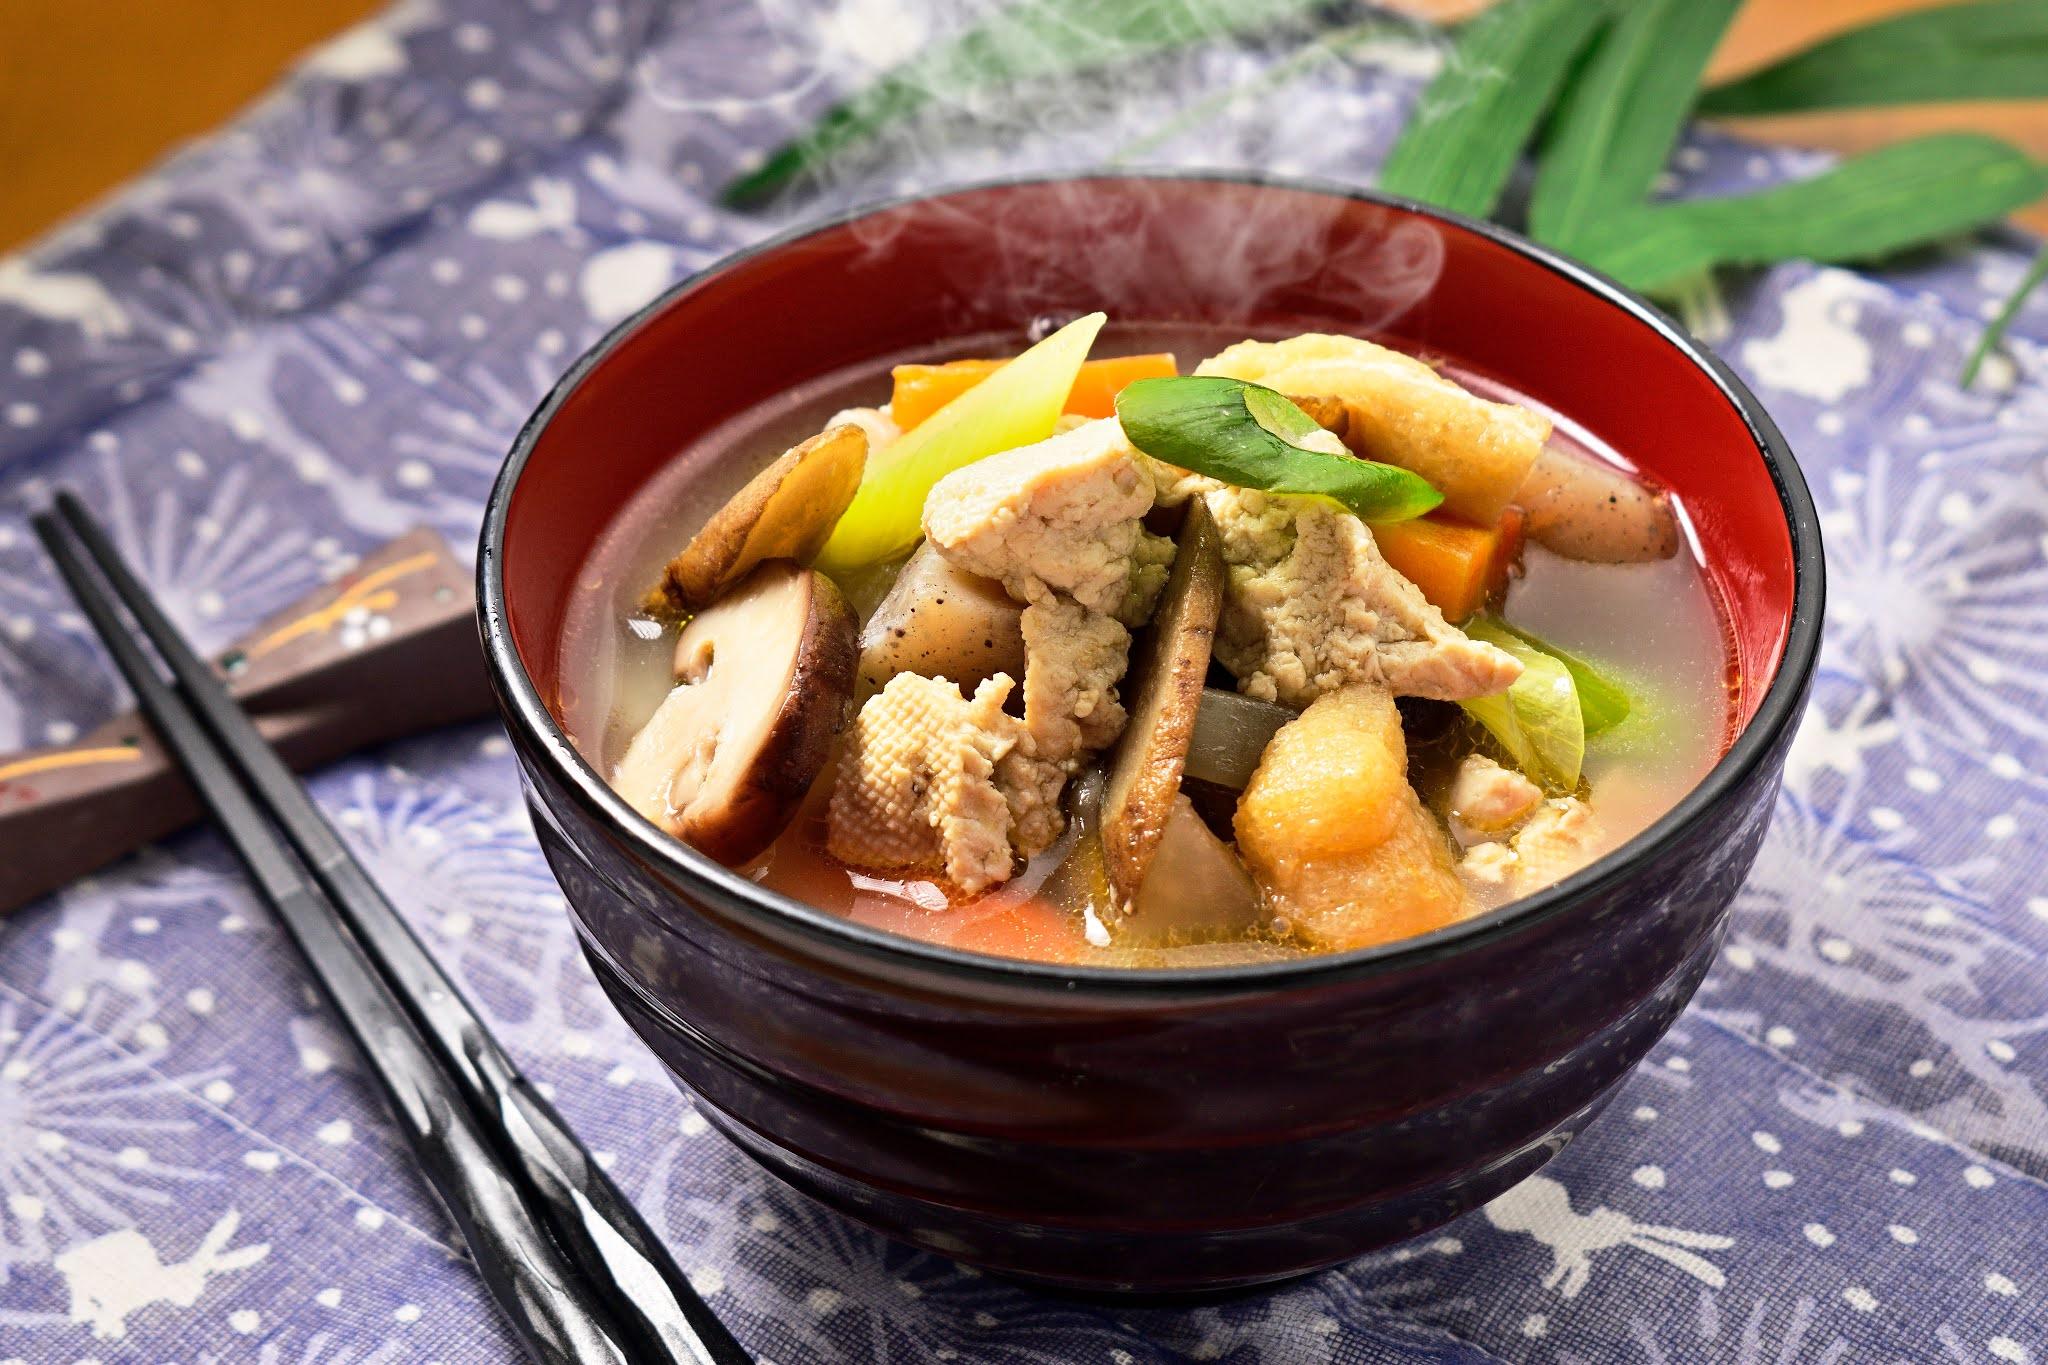 อาหาร เมืองคามาคุระ จ.คานางาวะ - Kenchinjiru